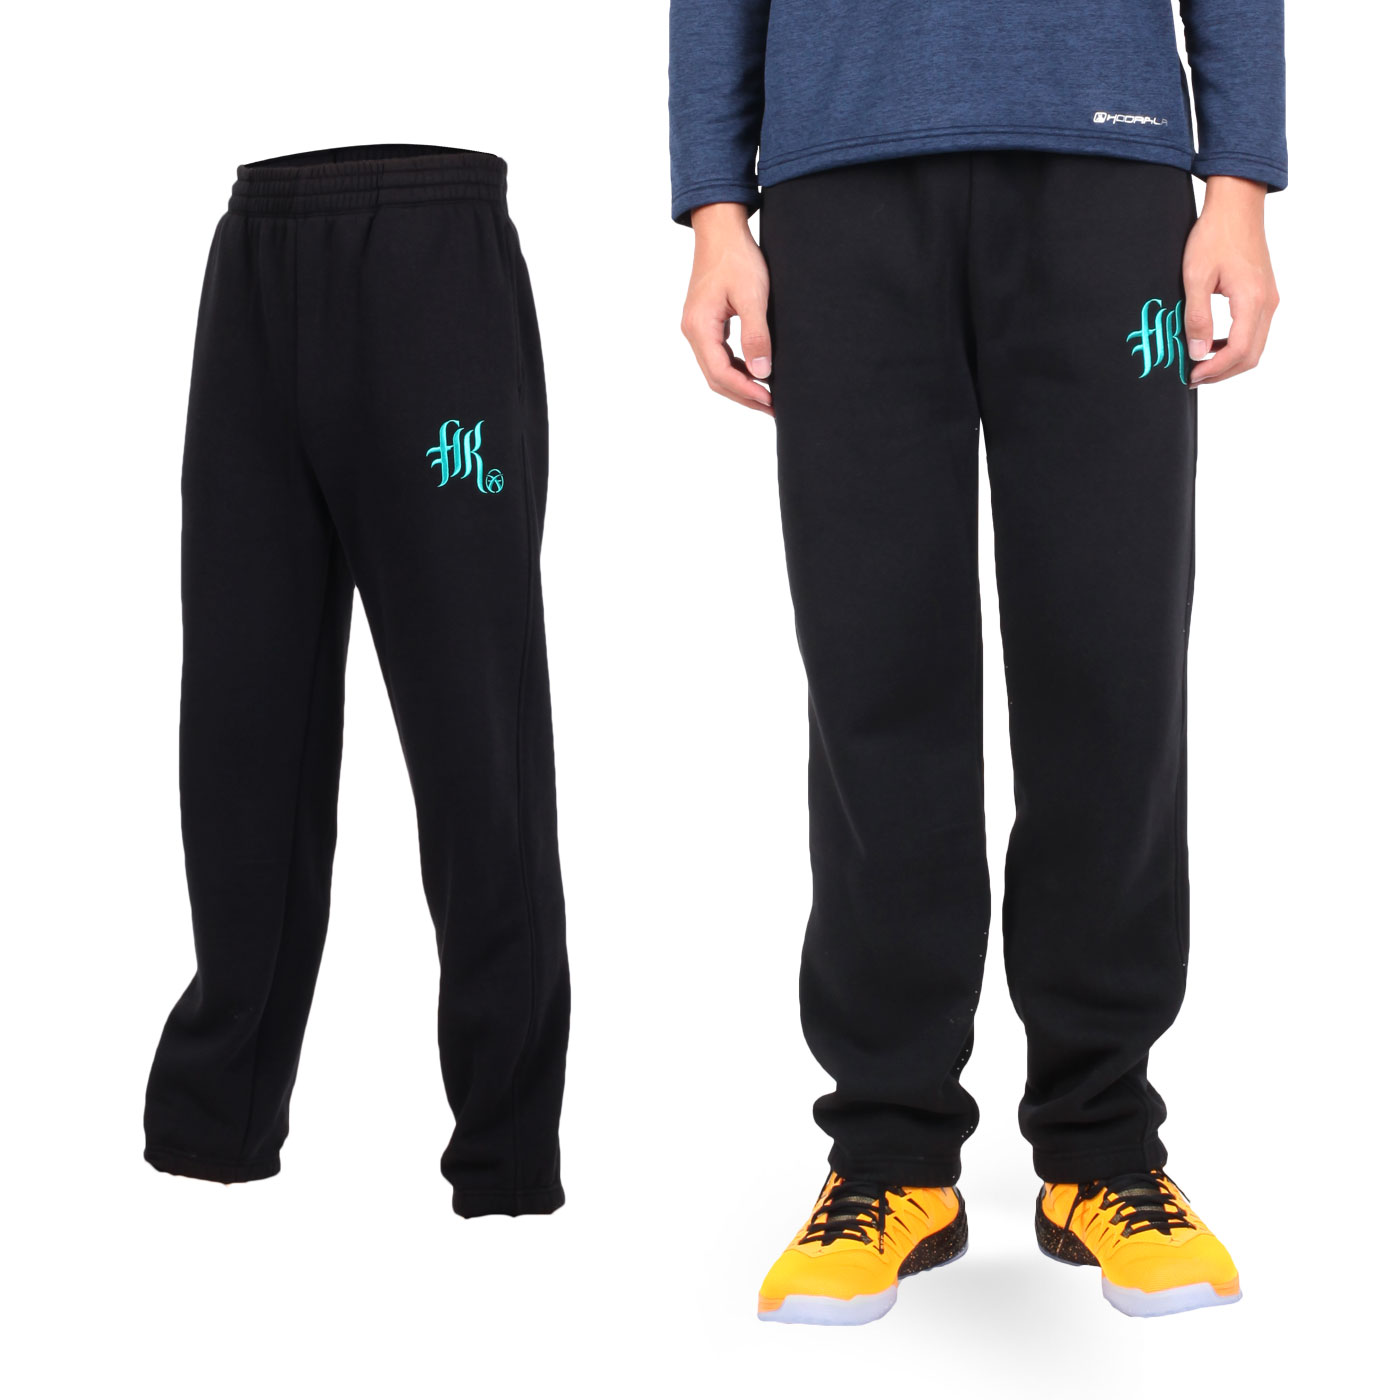 FIRESTAR 男款棉質內刷毛長褲 p5277-10 - 黑湖水綠